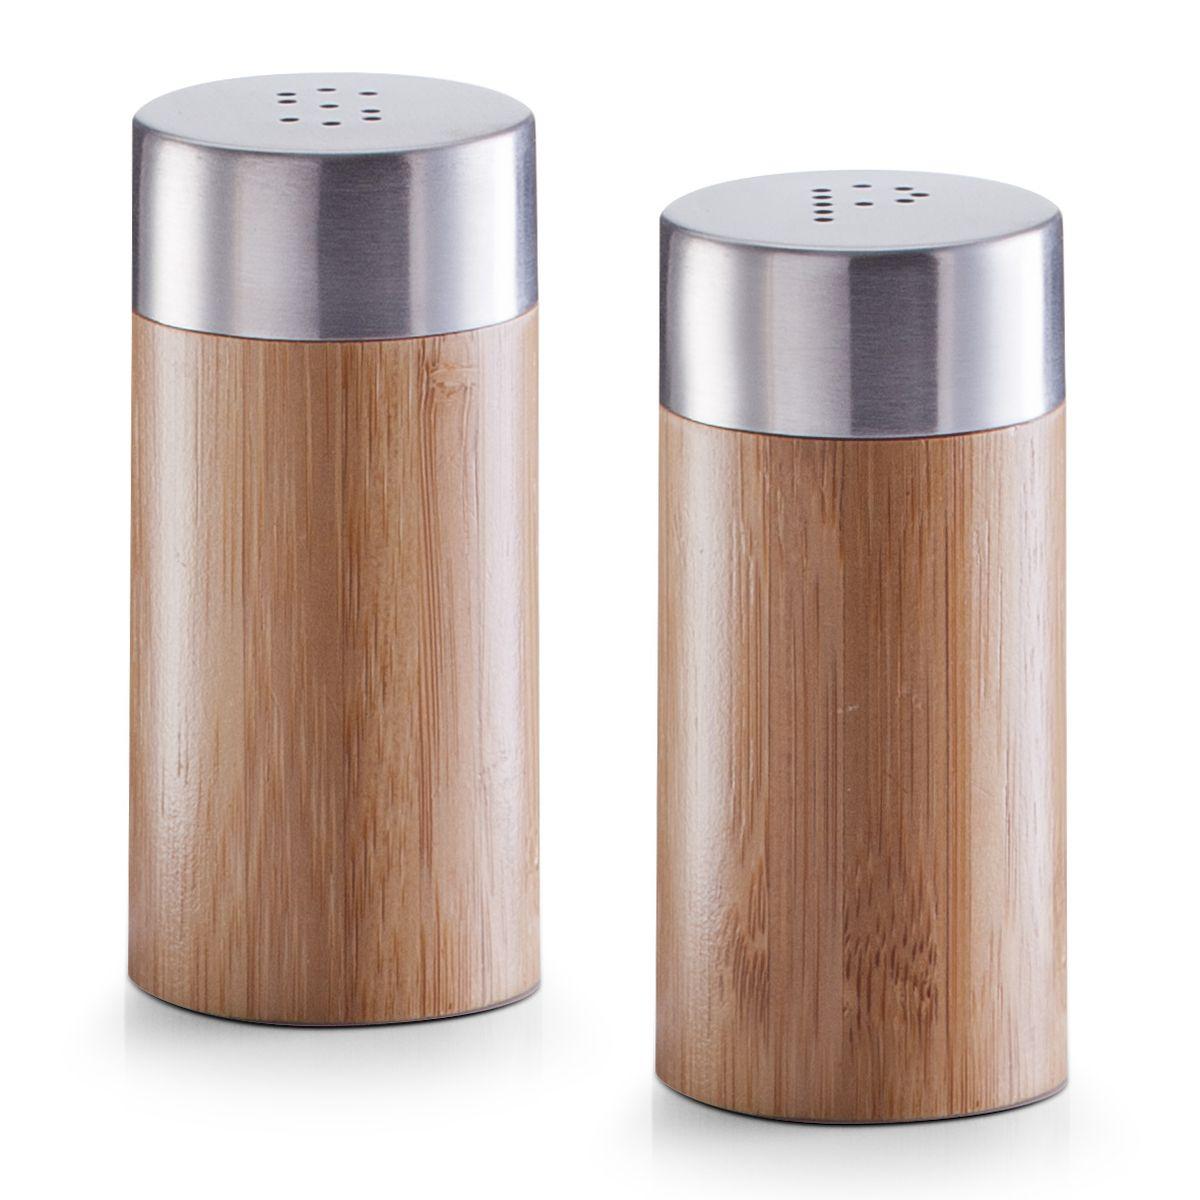 Набор емкостей для специй Zeller, 2 шт25306Набор Zeller состоит из двух емкостей, изготовленных из дерева, которые предназначены для специй и соли. Изделия оснащены откручивающимися металлическими крышками с отверстиями. Стильная форма этих емкостей привлекает внимание и будет уместна на любой кухне. Диаметр емкости: 4 см. Высота емкости: 8,3 см.